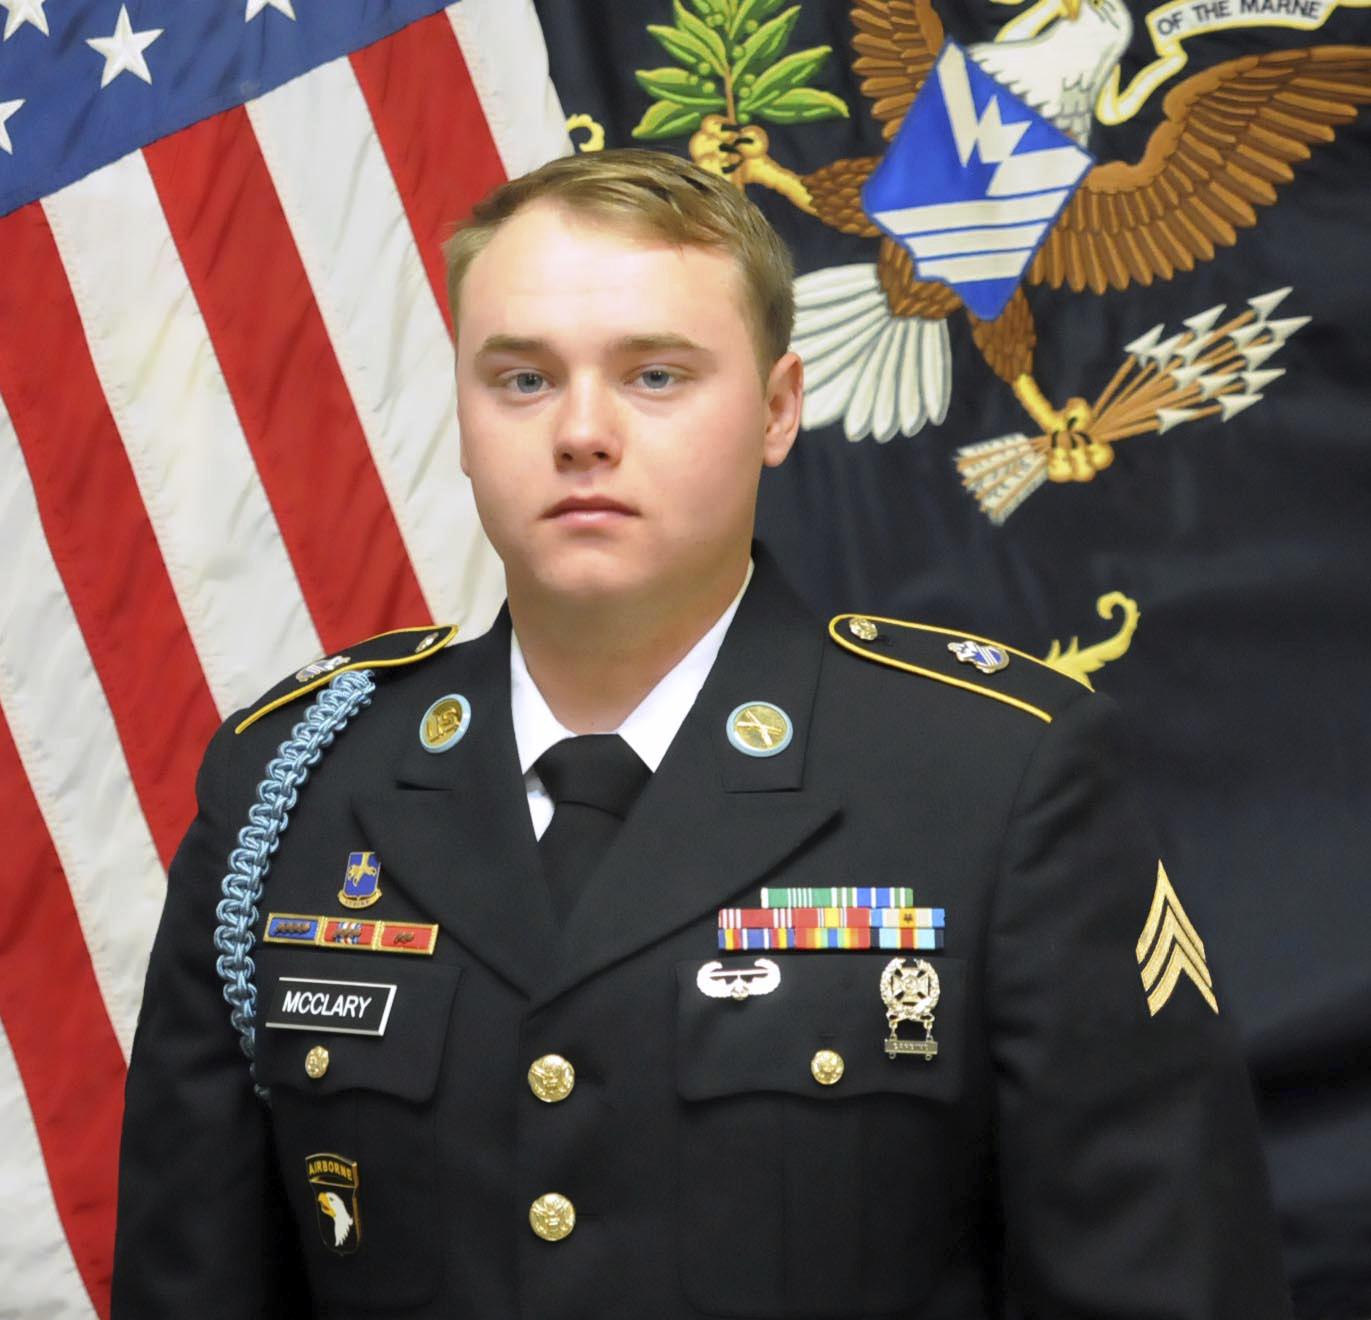 Photo: Sgt. Jason McClary